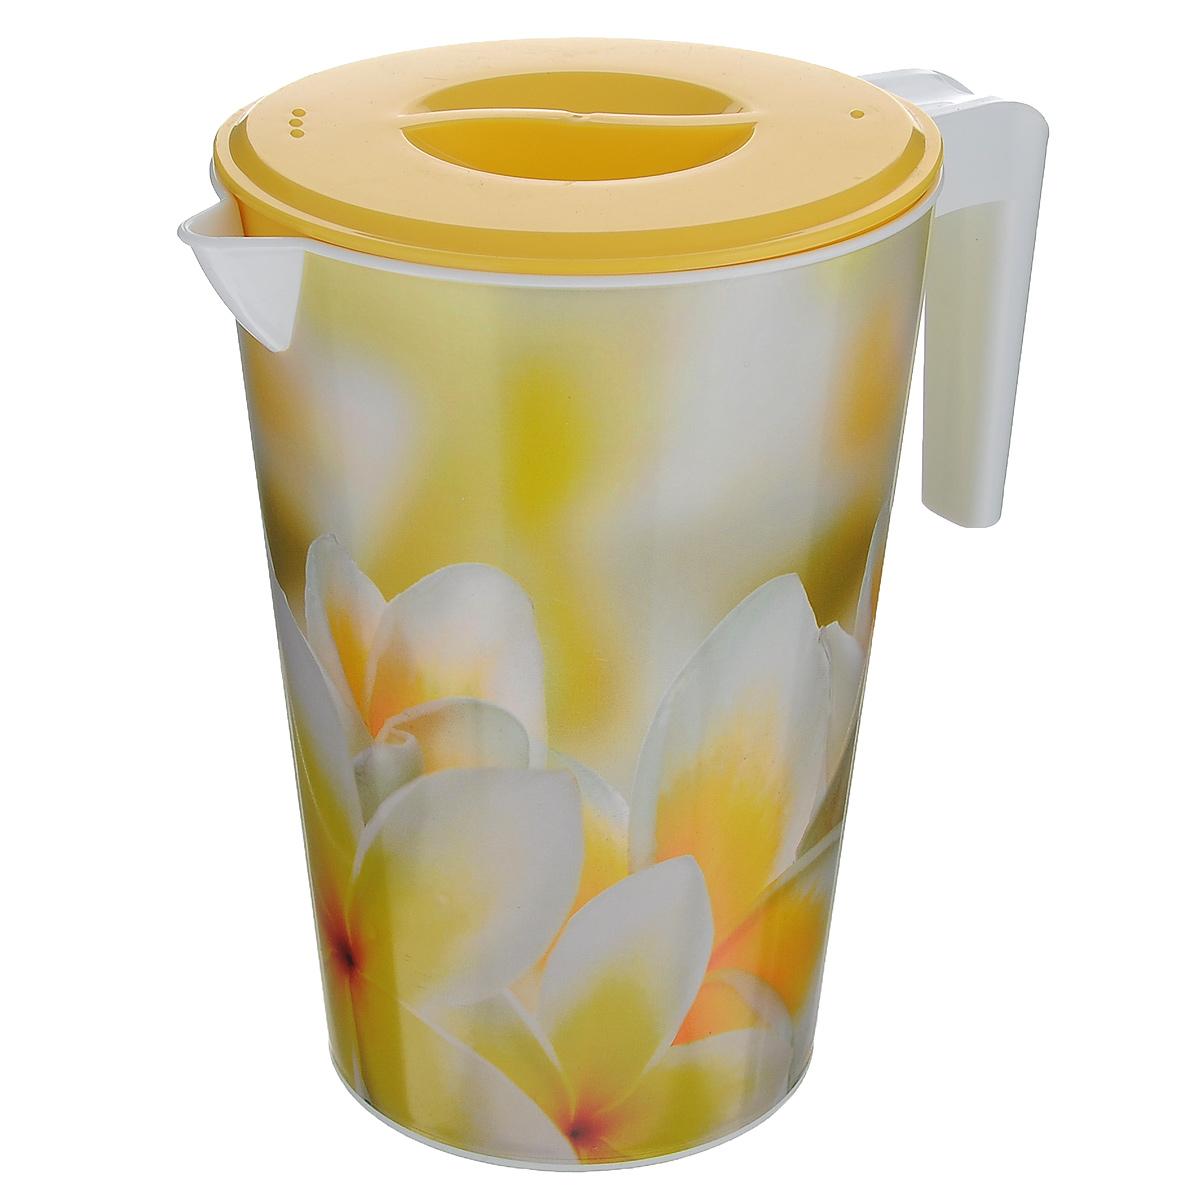 Кувшин Альтернатива Романтика, с крышкой, цвет: желтый, 2 лM1946Кувшин Альтернатива Романтика, выполненный из пластика и декорированный ярким цветочным рисунком, элегантно украсит ваш стол. Кувшин оснащен удобной ручкой и плотно закрывающейся пластиковой крышкой. Изделие имеет носик для выливания жидкости. Подойдет для подачи воды, сока, компота и других напитков. Кувшин Альтернатива Романтика дополнит интерьер вашей кухни и станет замечательным подарком к любому празднику. Объем: 2 л. Диаметр (по верхнему краю): 14 см.Диаметр основания: 10,5 см.Высота кувшина: 19,5 см.